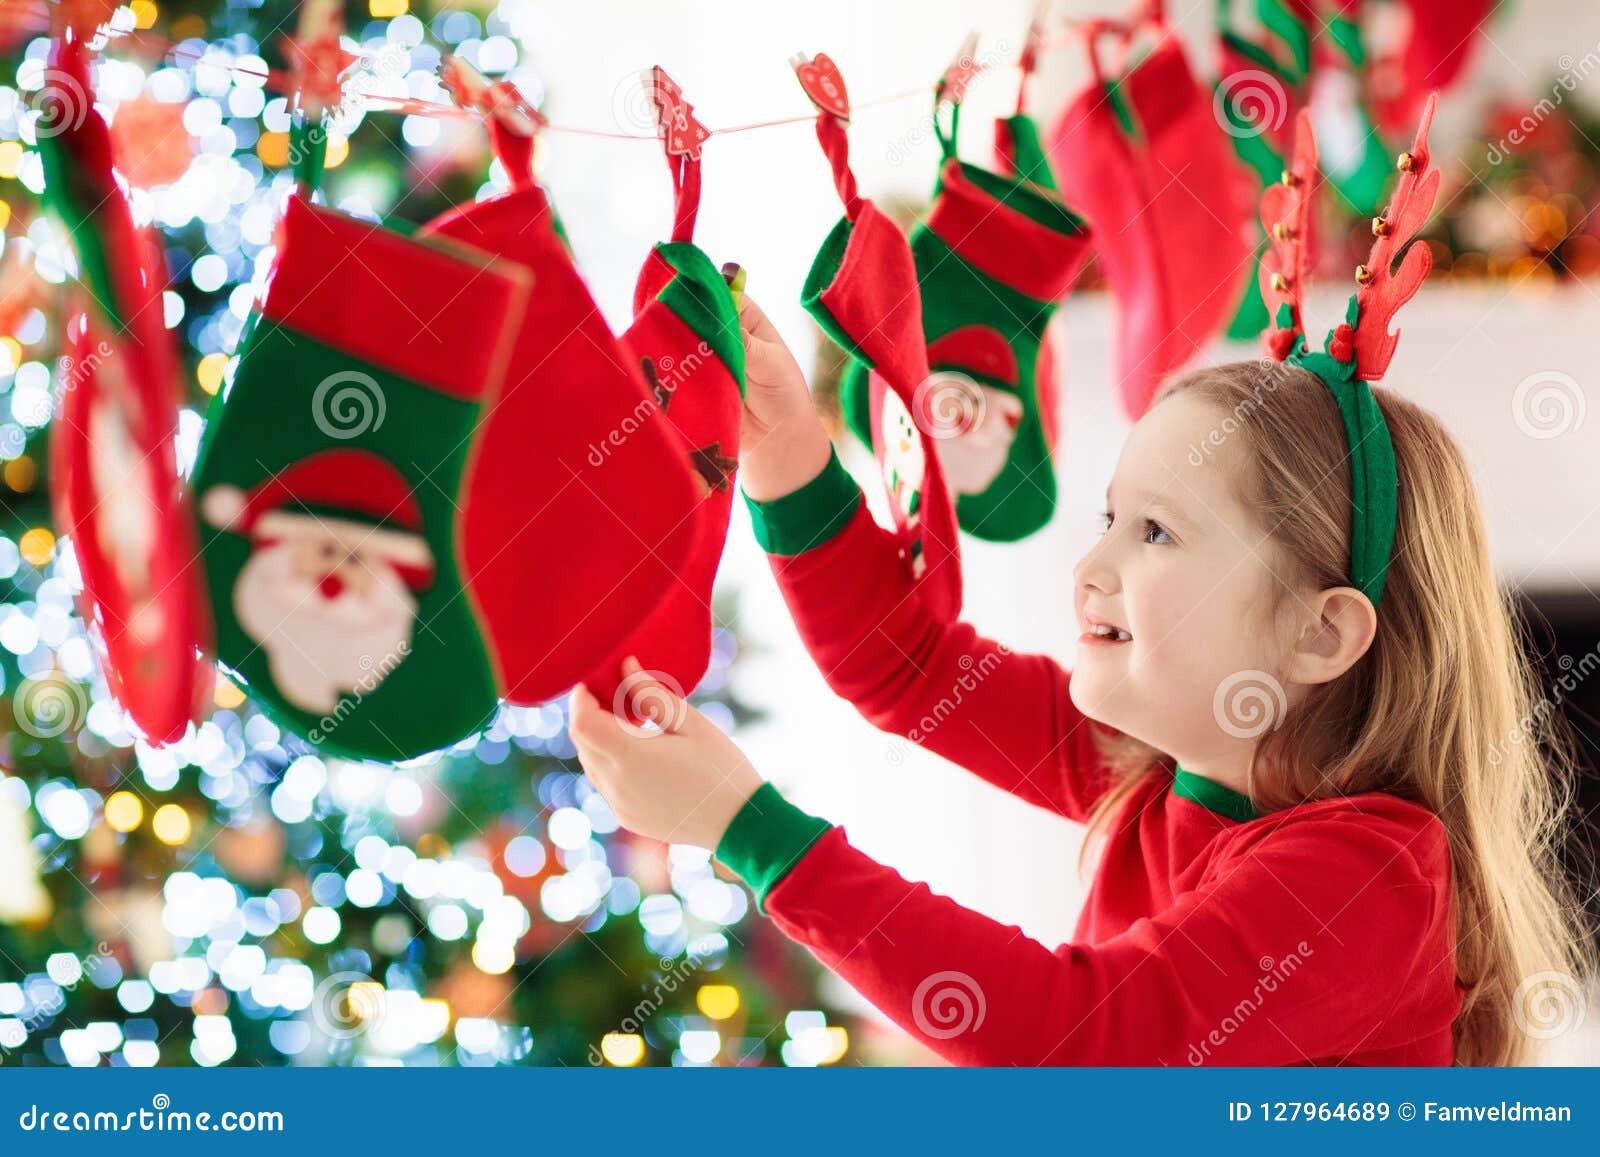 Χριστουγεννιάτικα δώρα για τα παιδιά χρόνος εικονιδίων στοιχείων Χριστουγέννων ημερολογιακών κινούμενων σχεδίων εμφάνισης διάφορο